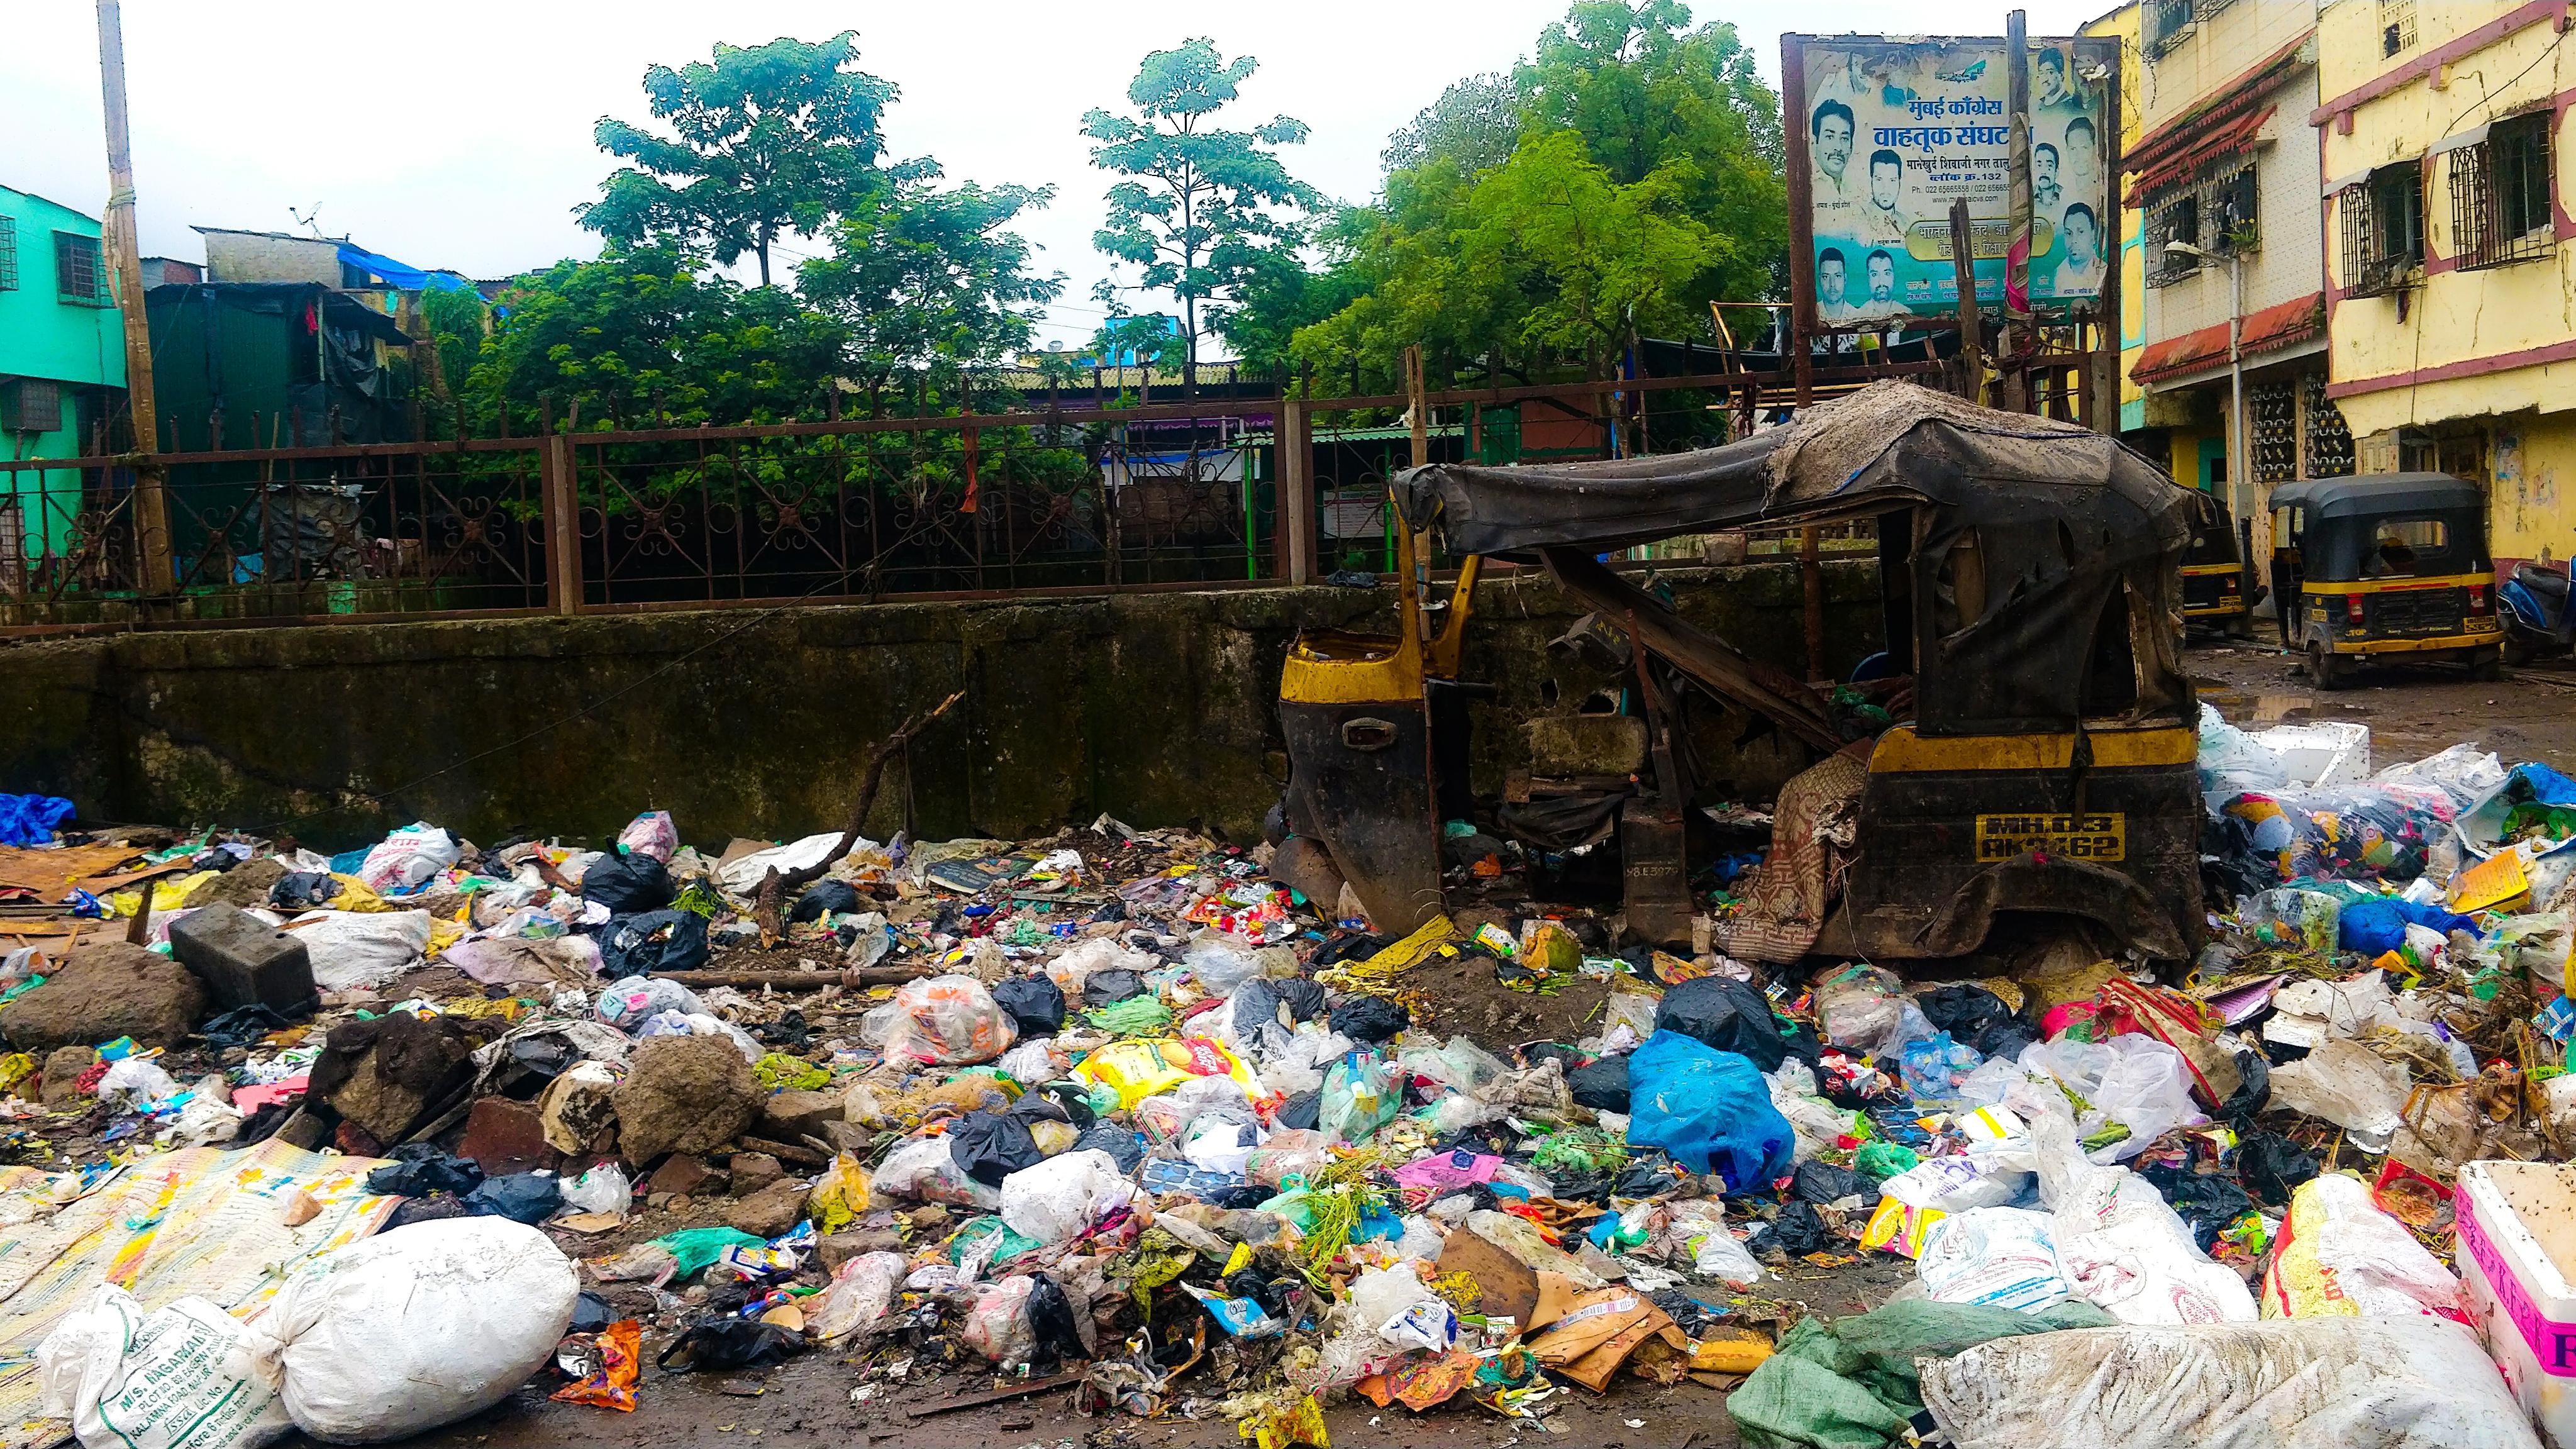 1568802978435-Ragpickers-at-Deonar-garbage-dump-5